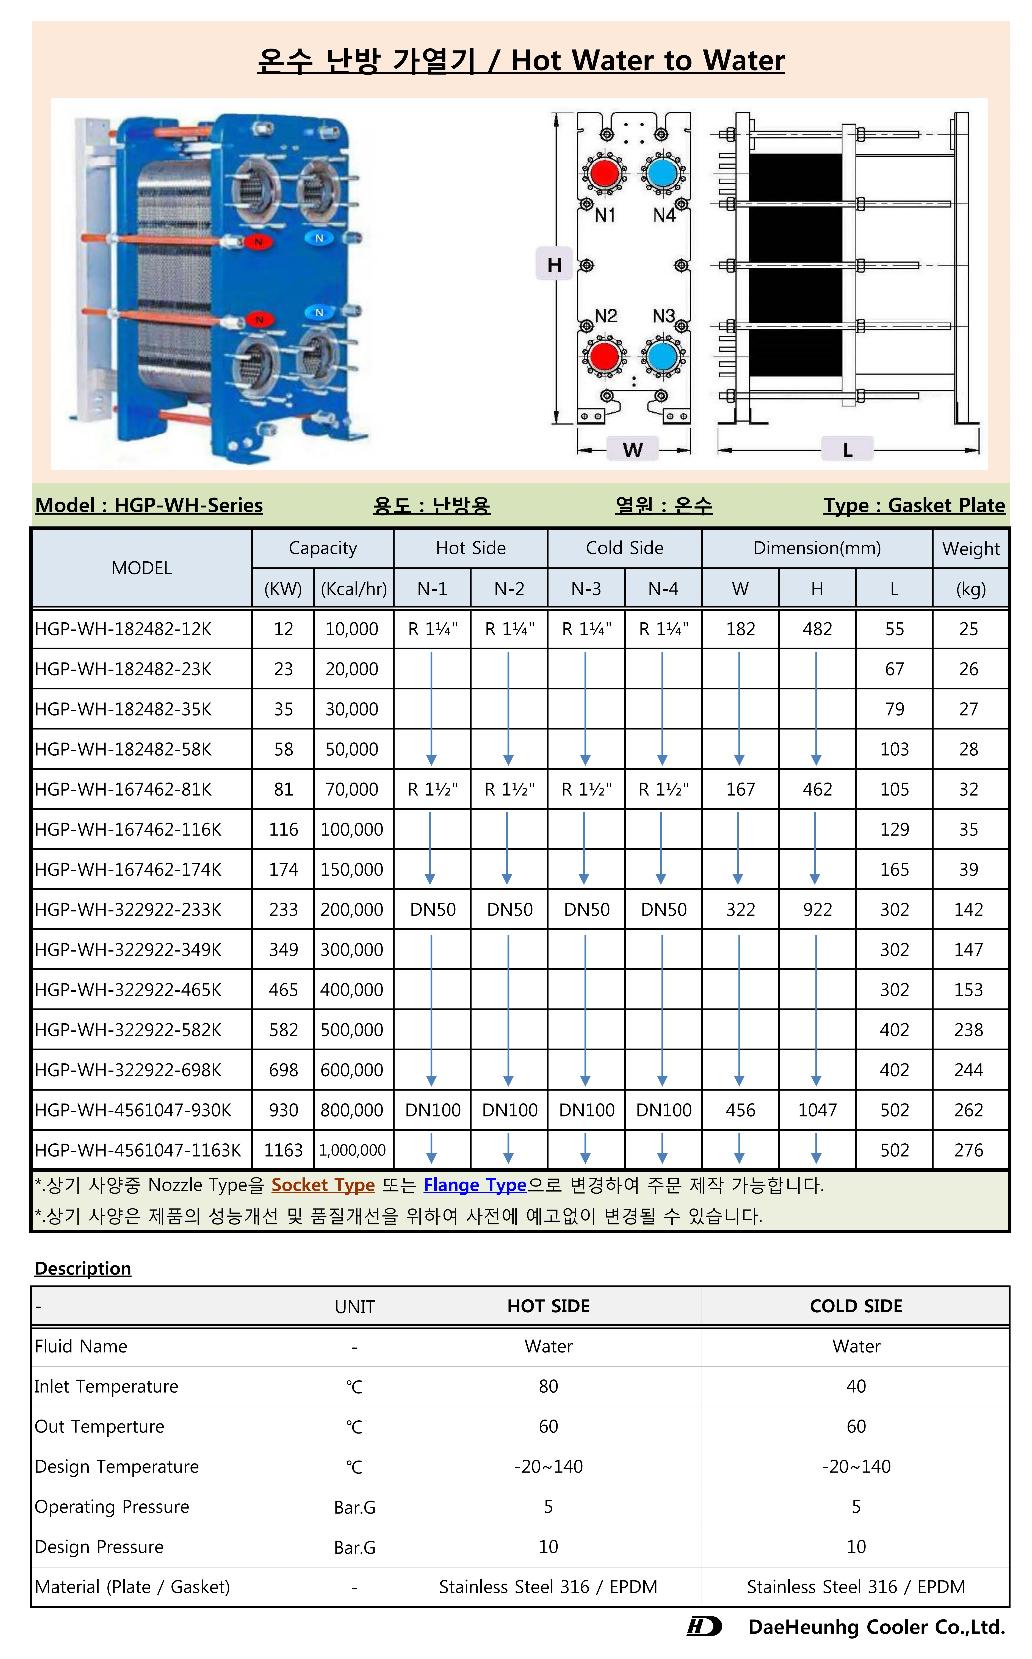 (주)대흥쿨러 Plate Heat Exchanger  1